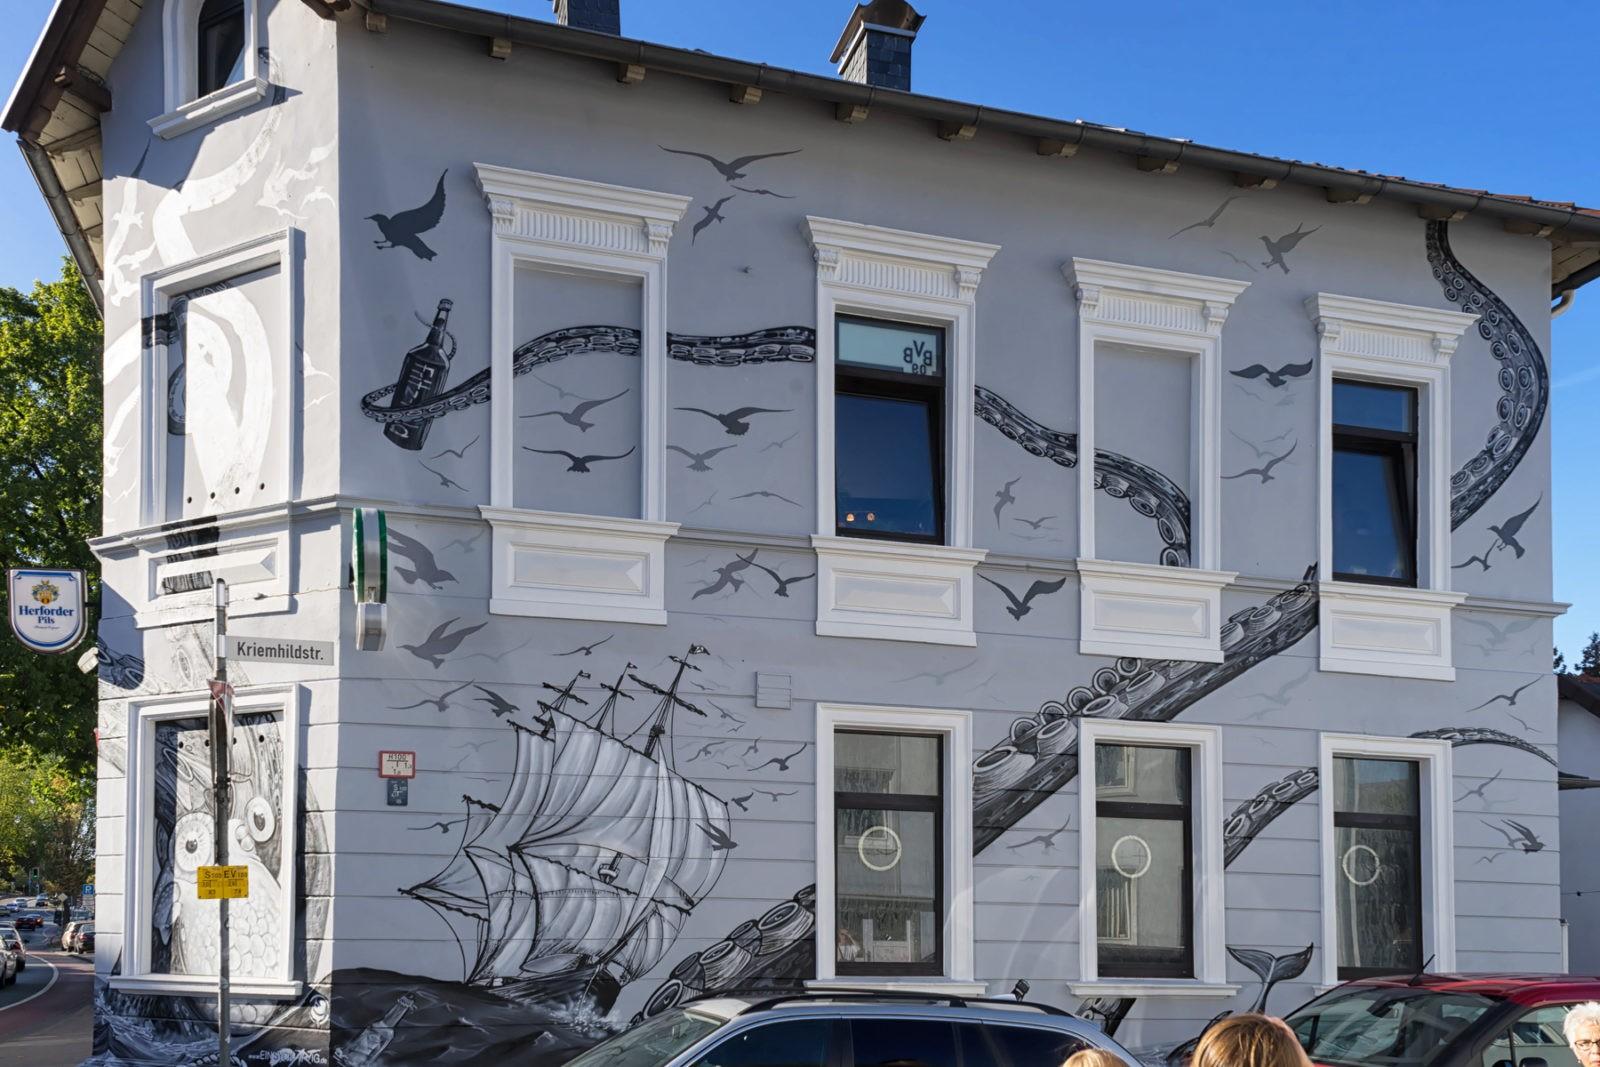 Graffito in Bielefeld